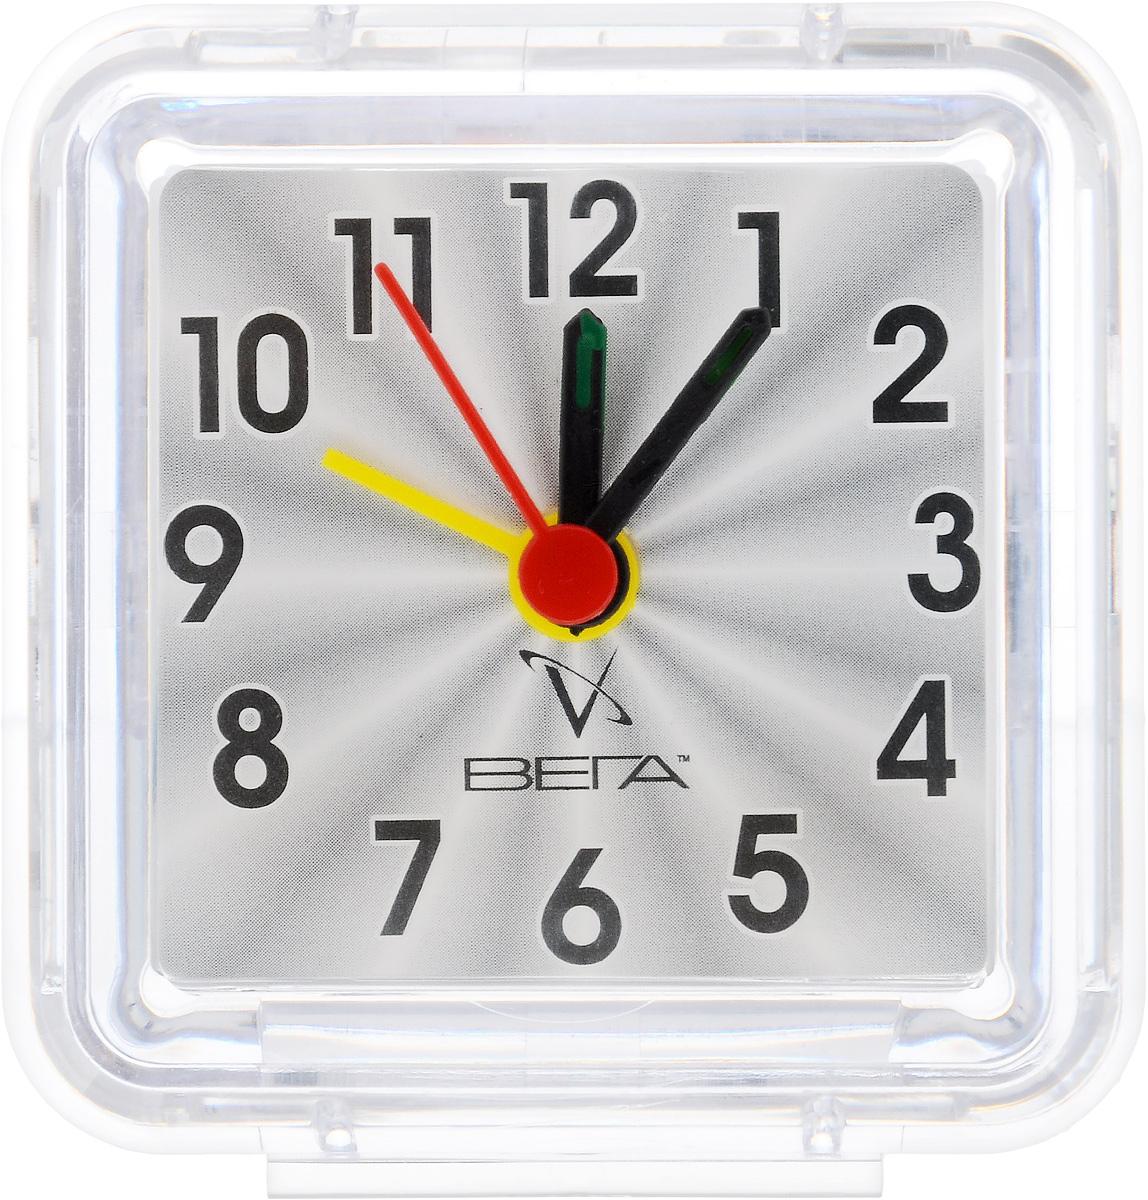 Часы-будильник Вега КлассикаБ1-014Настольные кварцевые часы Вега Классика изготовлены из прозрачного пластика. Часы имеют три стрелки - часовую, минутную и стрелку завода. Такие часы красиво и оригинально украсят интерьер дома или рабочий стол в офисе. Также часы могут стать уникальным, полезным подарком для родственников, коллег, знакомых и близких. Часы работают от батарейки типа АА (в комплект не входит). Имеется инструкция по эксплуатации на русском языке.